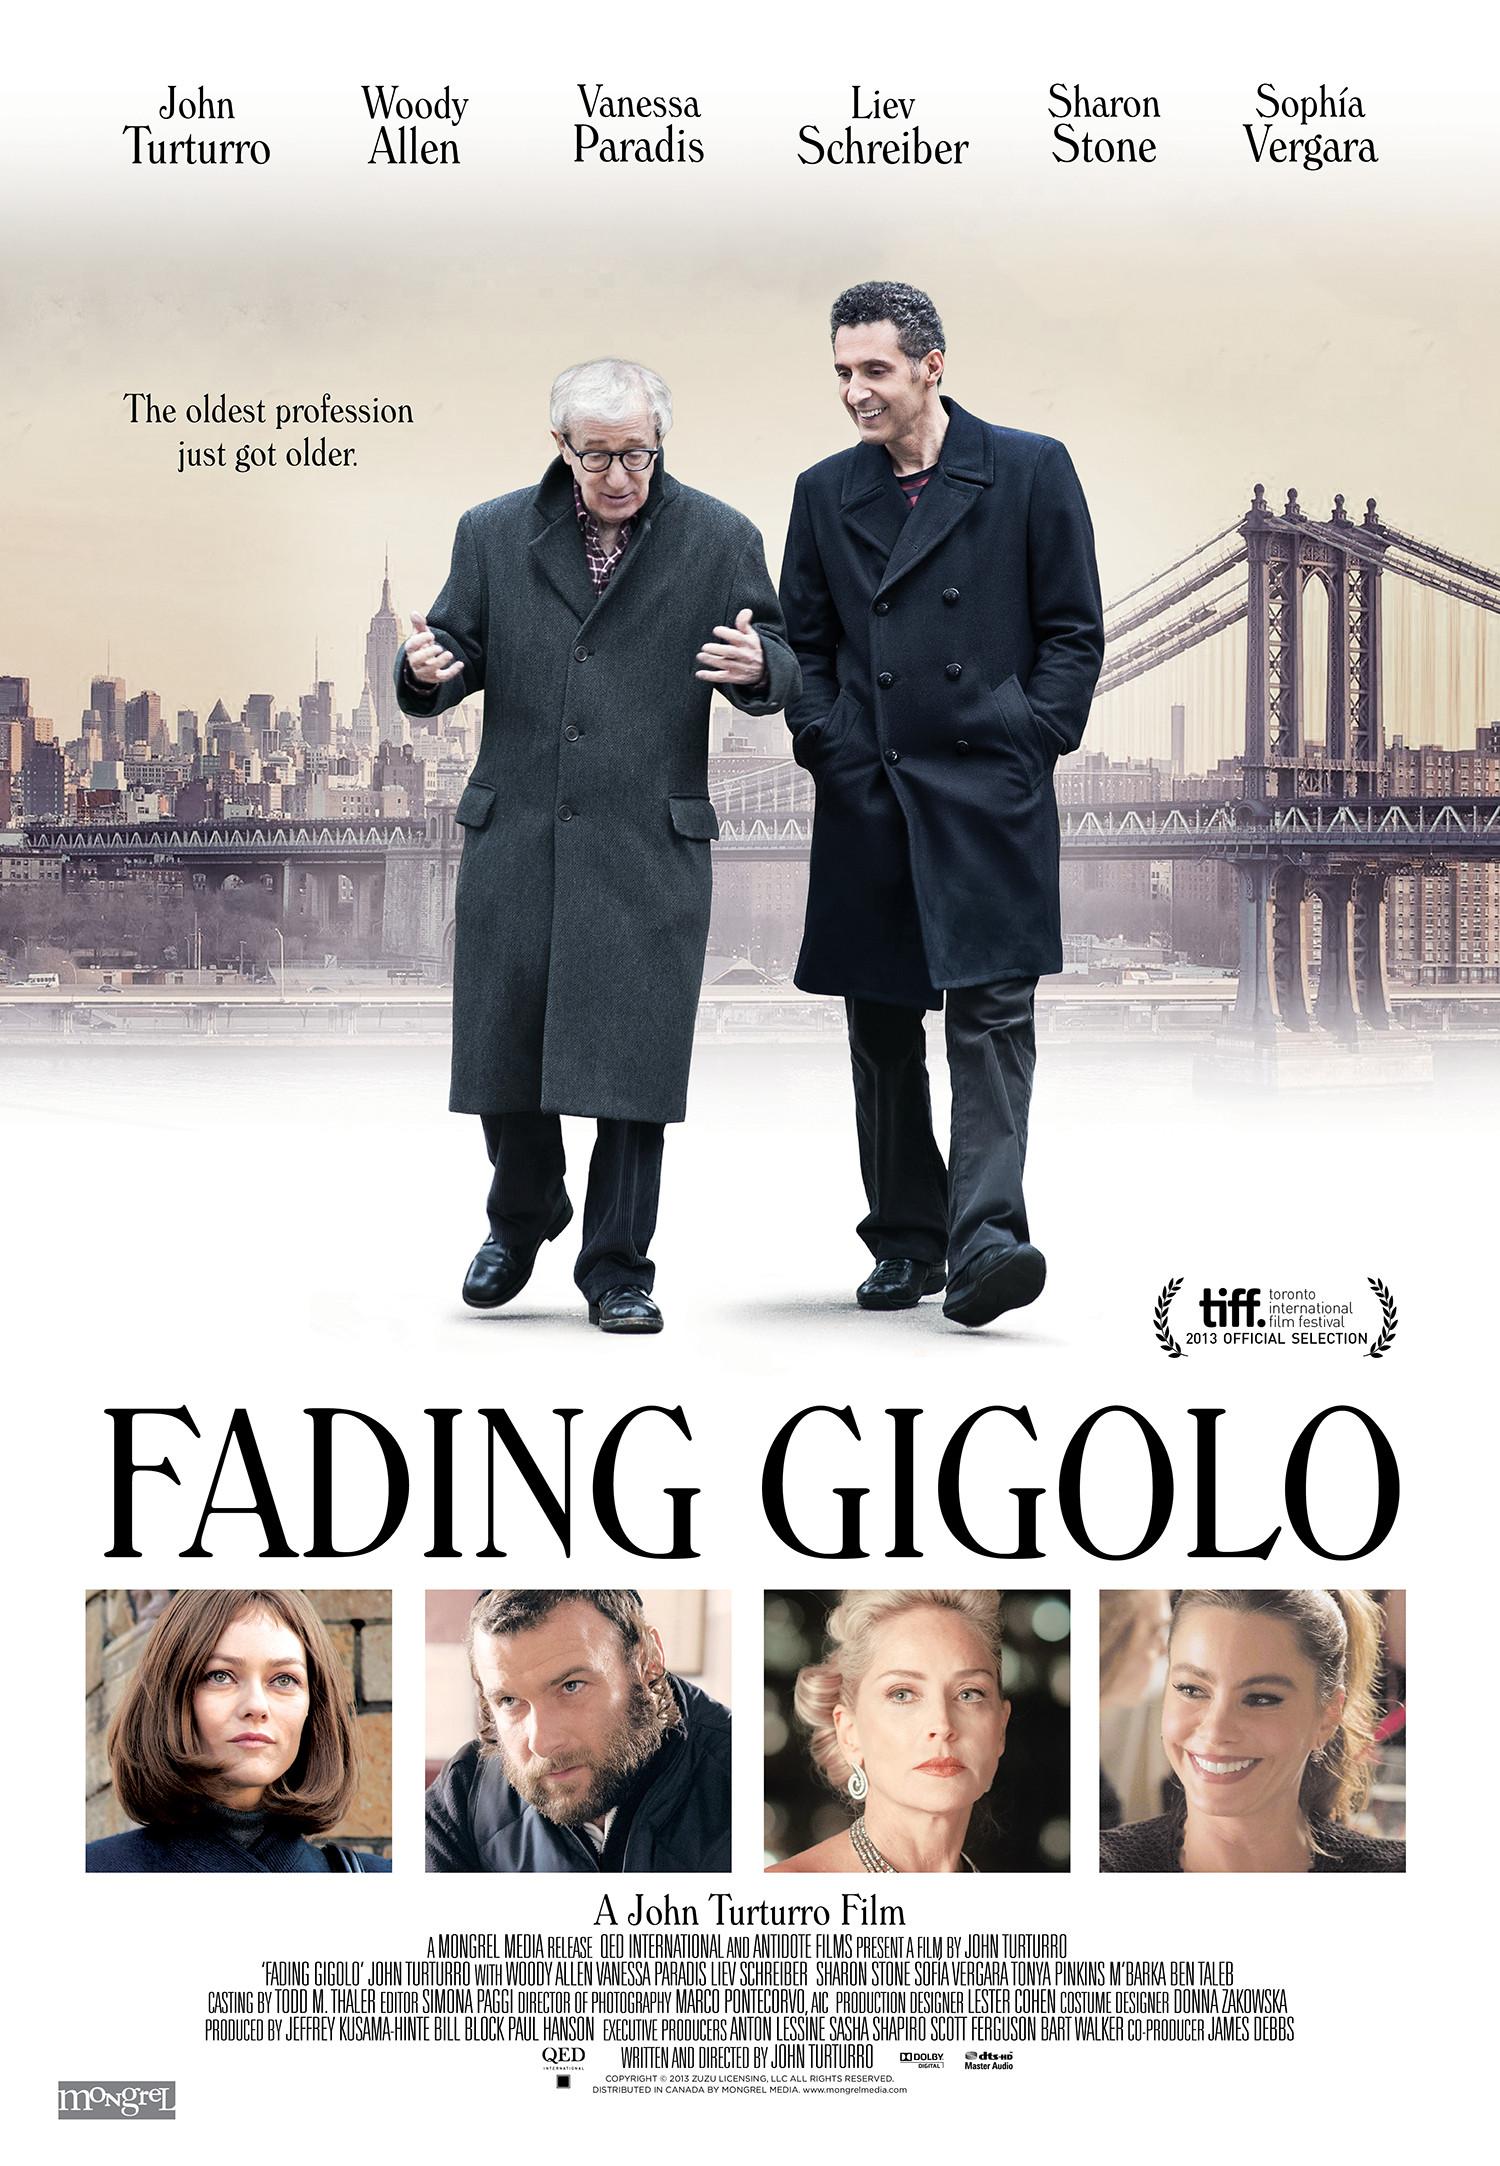 will Gigolo